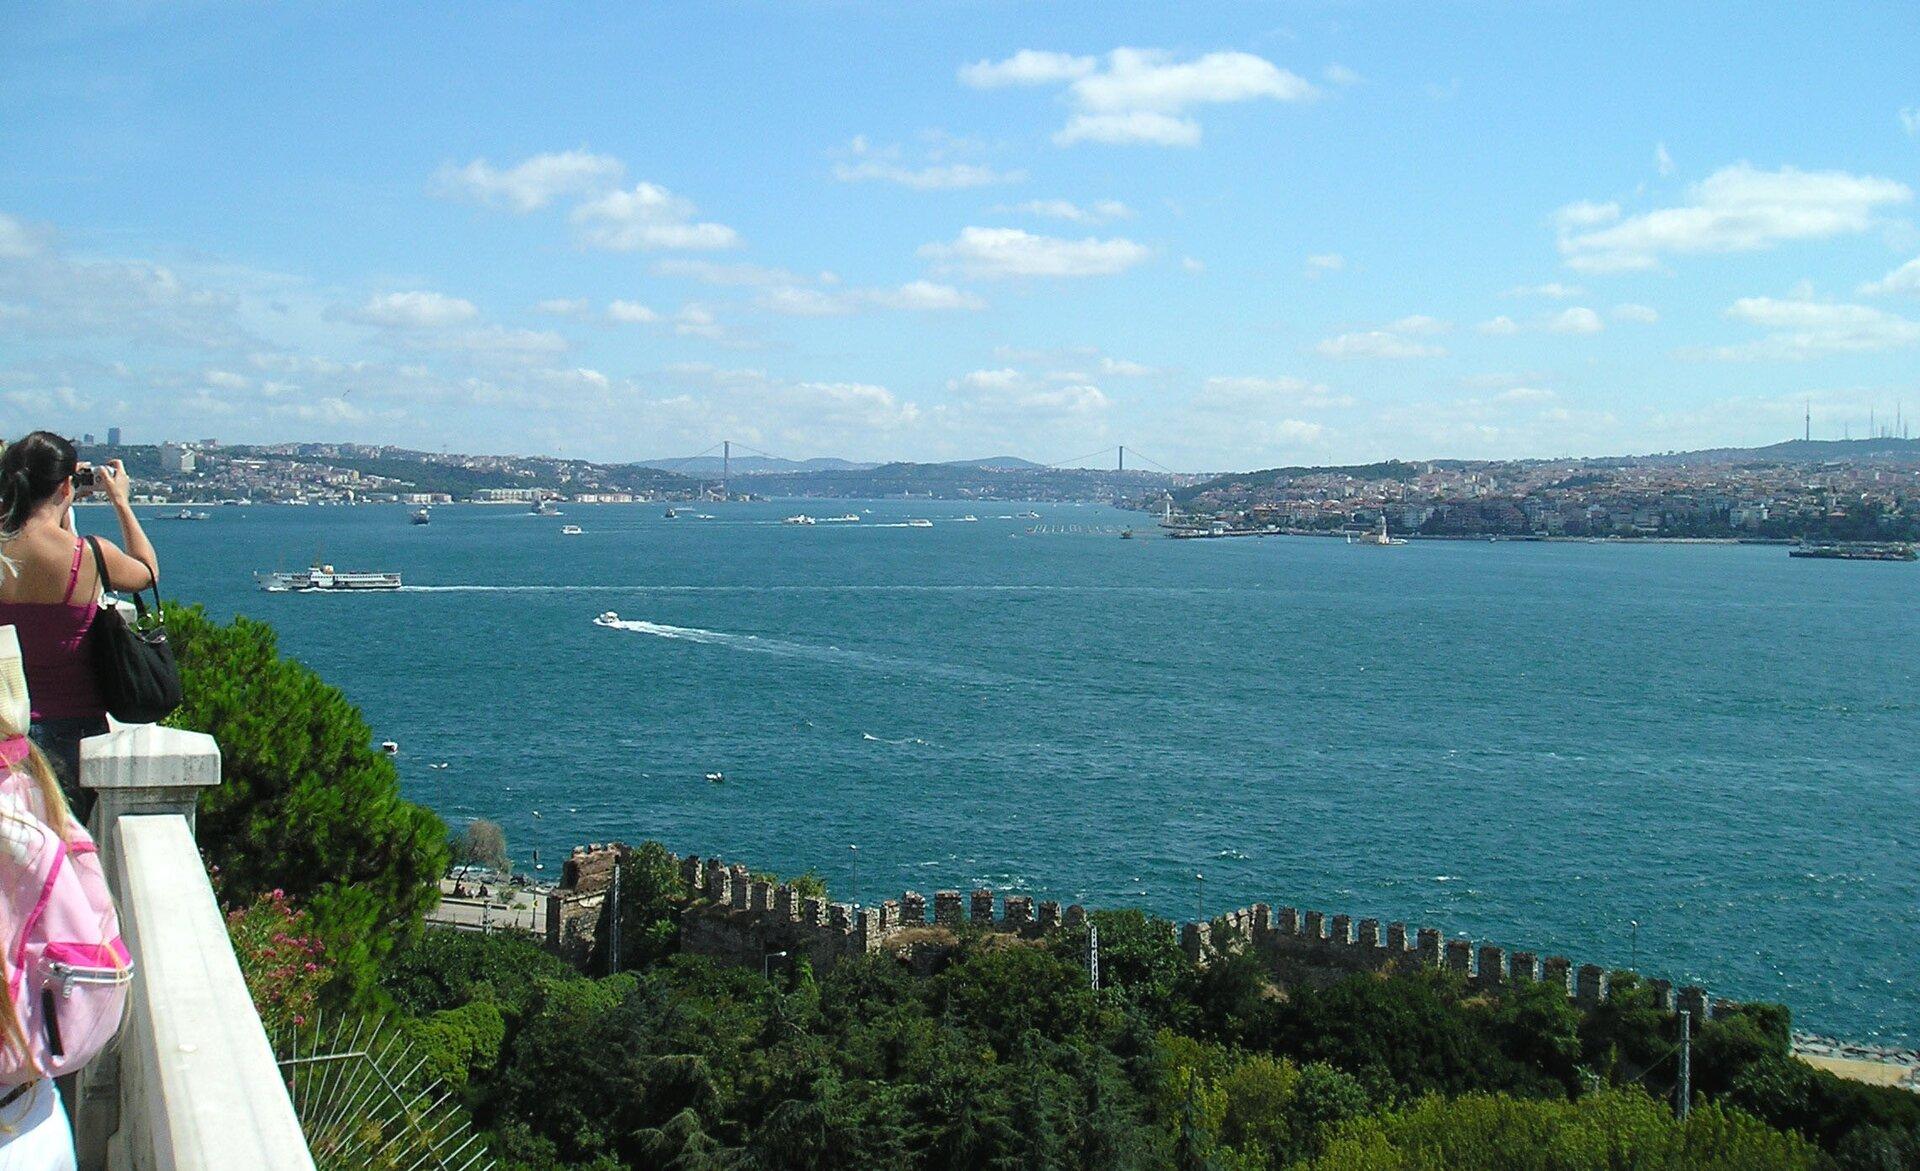 Na zdjęciu widok na zbiornik wodny. Statki, motorówki. Na pierwszym planie ludzie robią zdjęcia. Na drugim brzegu tereny gęsto zabudowane.